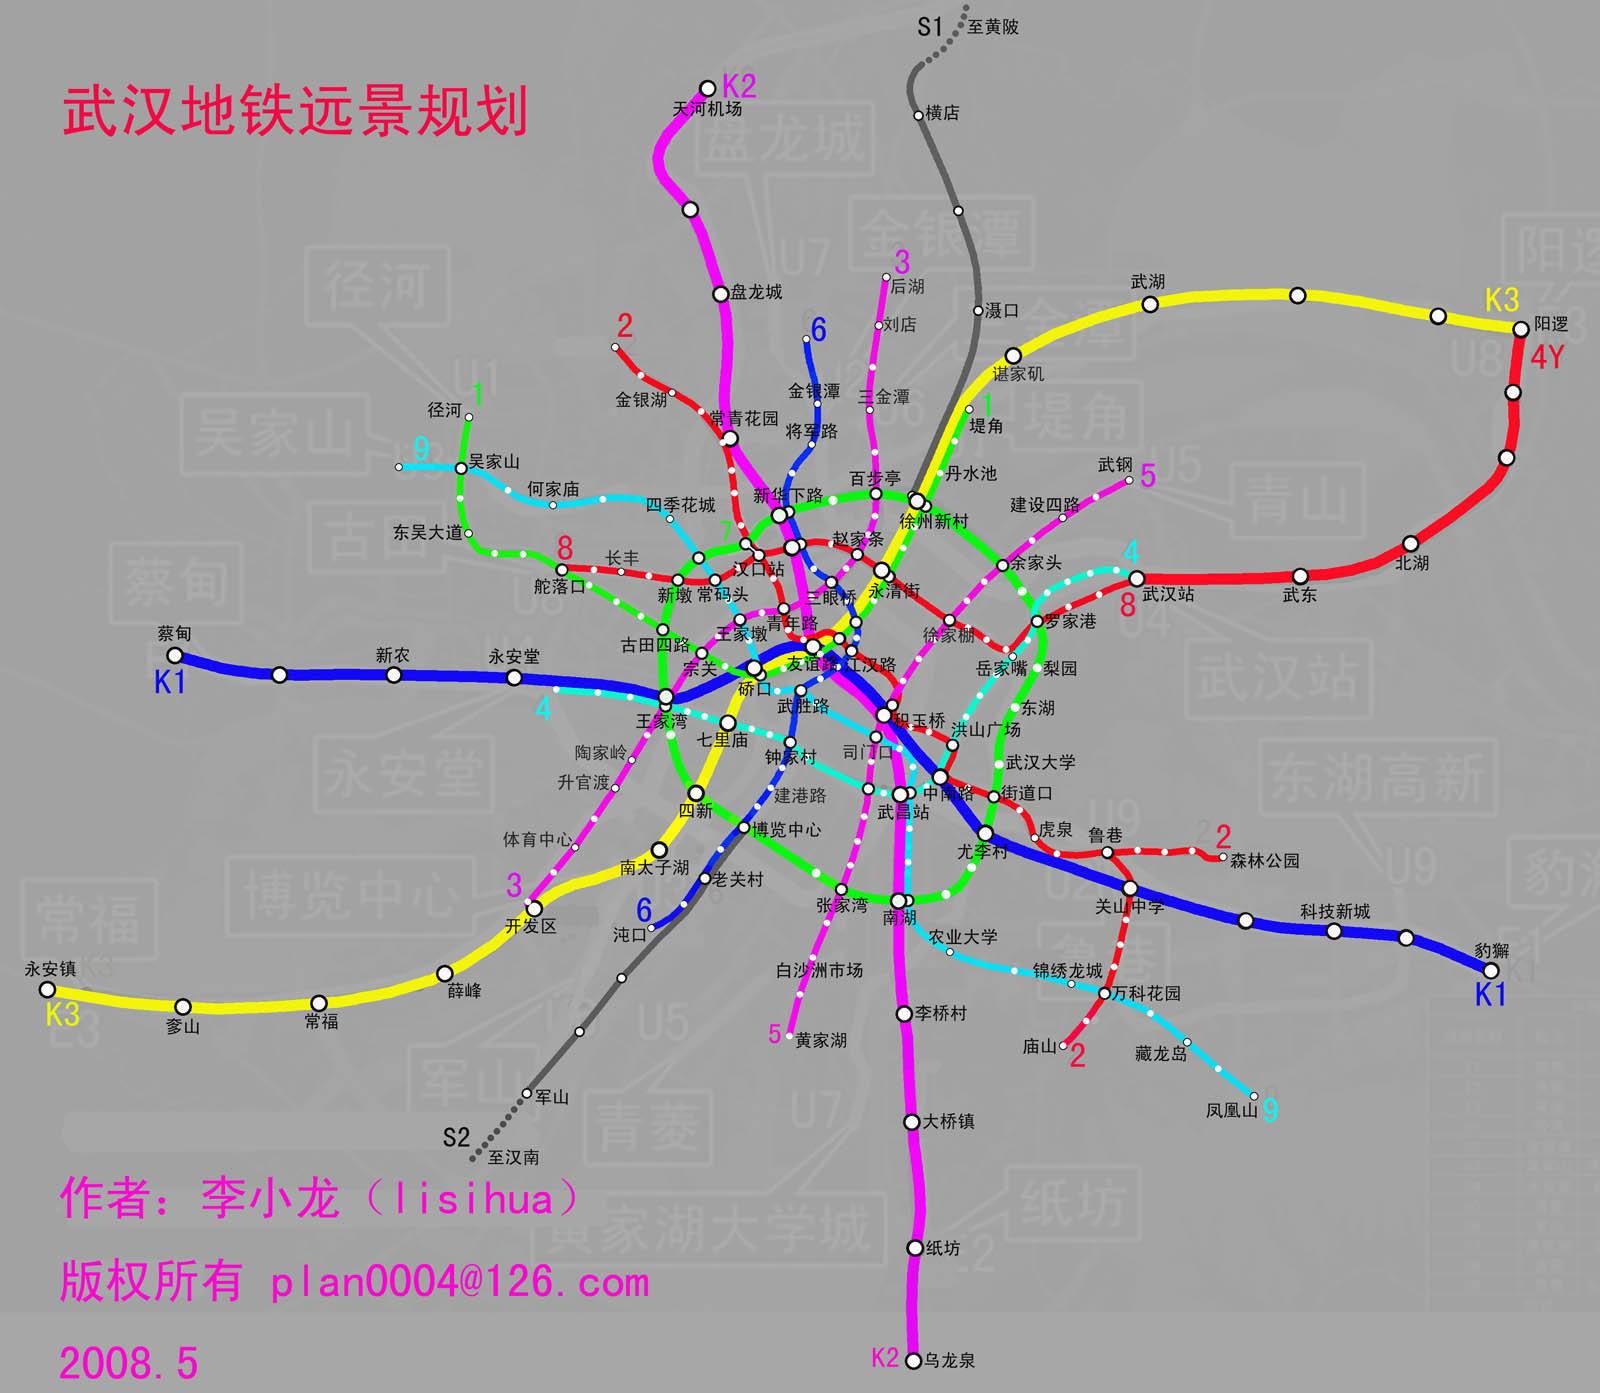 这次主要是给出了各线路的参考编组,并对少量线路站点和速度进行了修改。另外增加了两条郊区铁路。一条到黄陂,另一条到汉南。最终结果如下。 -------------------------------------------------- 普线轨道线9条,共约353公里。(最高速度80公里/小时,平均速度35-45公里/小时) 1号线,33KM,27站,4*B,吴家山-堤角; 2号线,47KM,37站,8*B,金银湖-森林公园(分支-庙山,4*A); 3号线,35KM,25站, 6*A,后湖-武汉开发区; 4